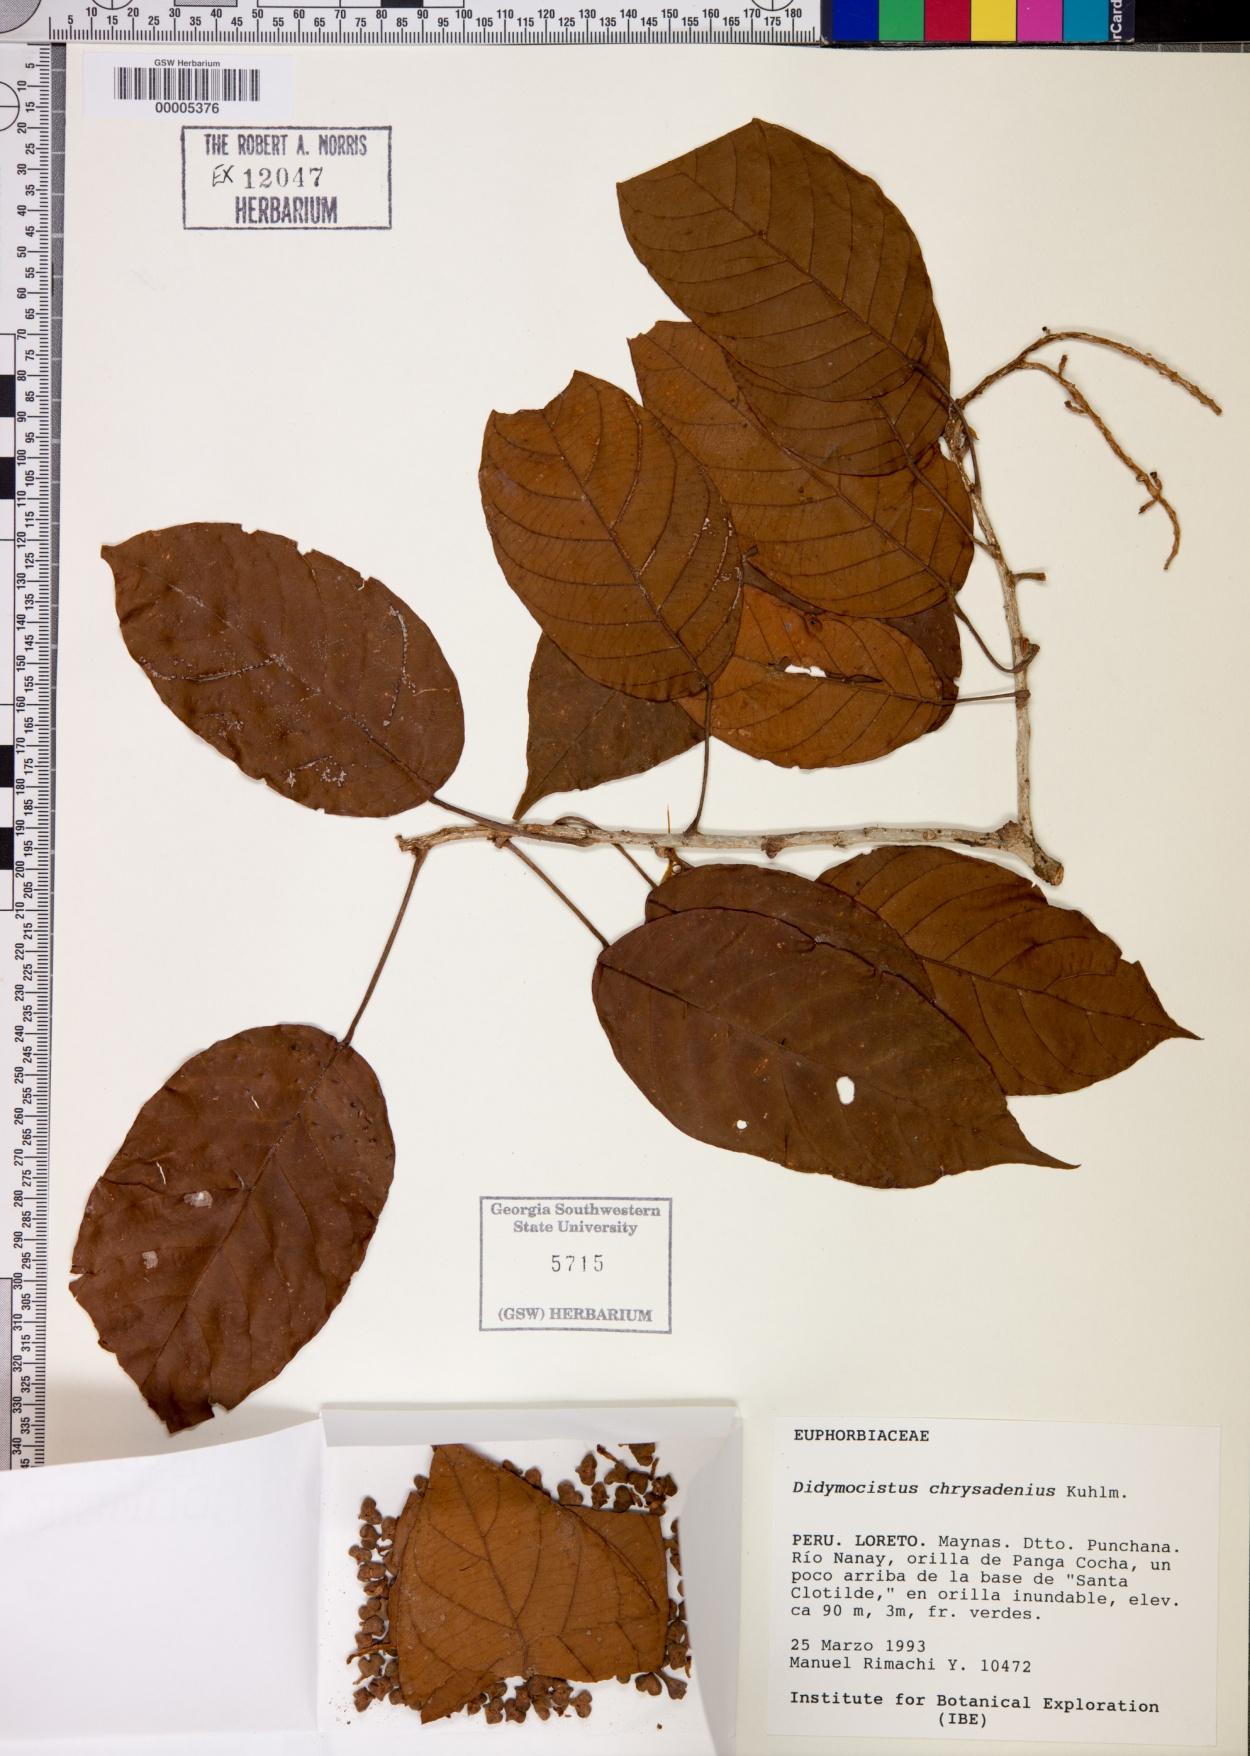 Didymocistus chrysadenius image